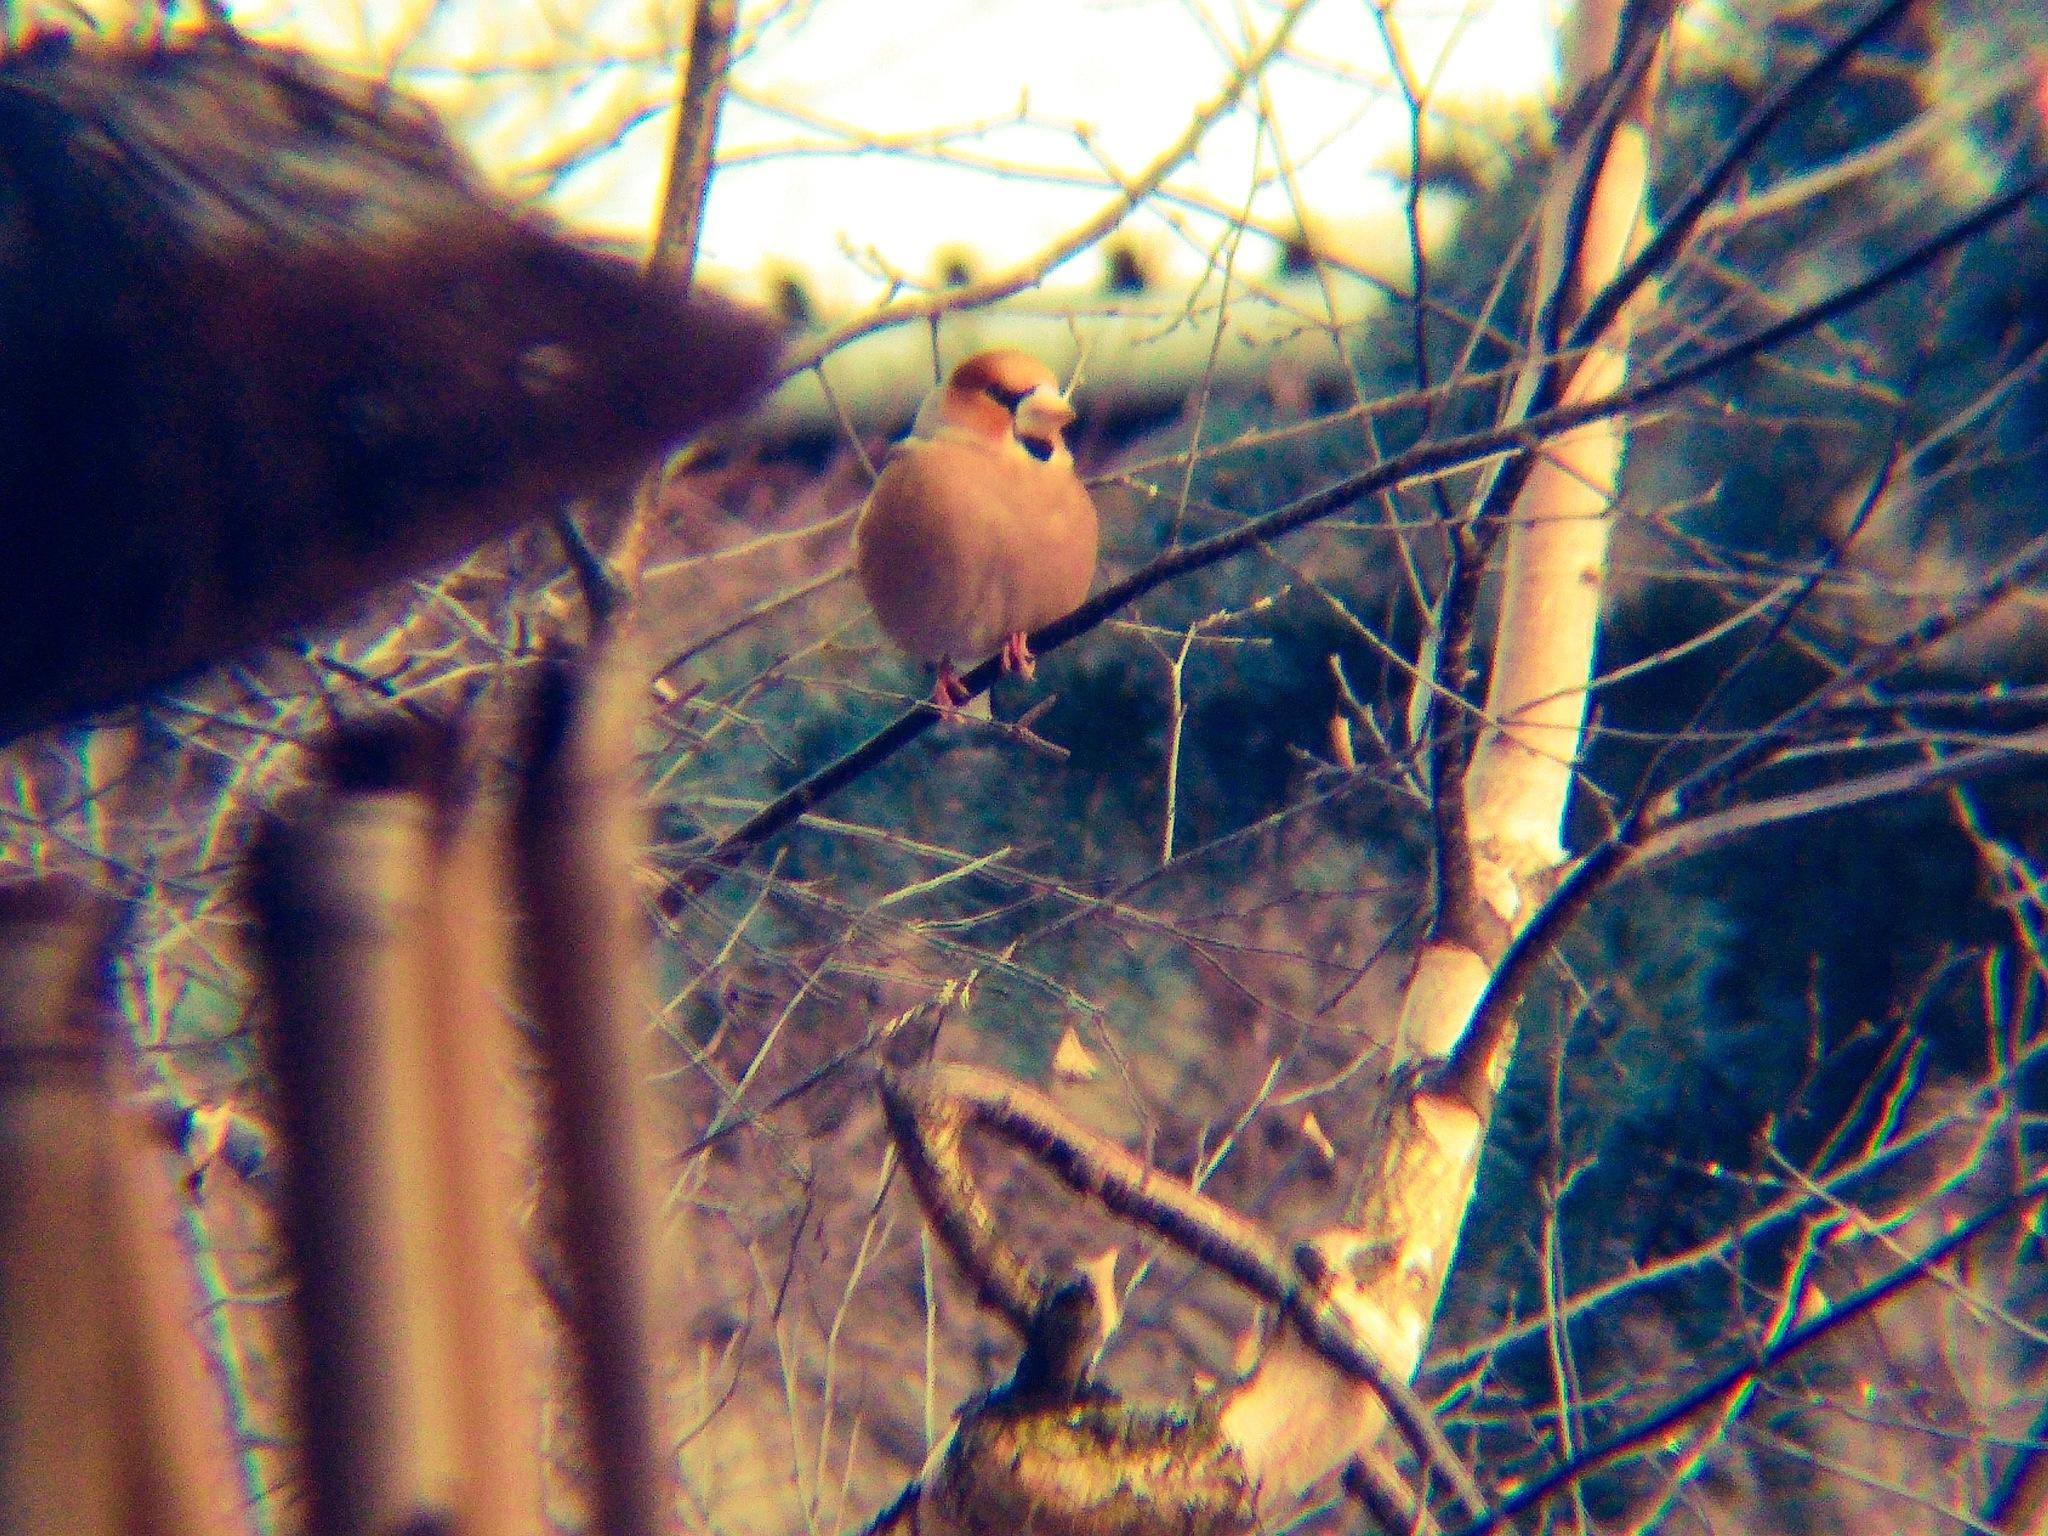 bird by Johny_photography